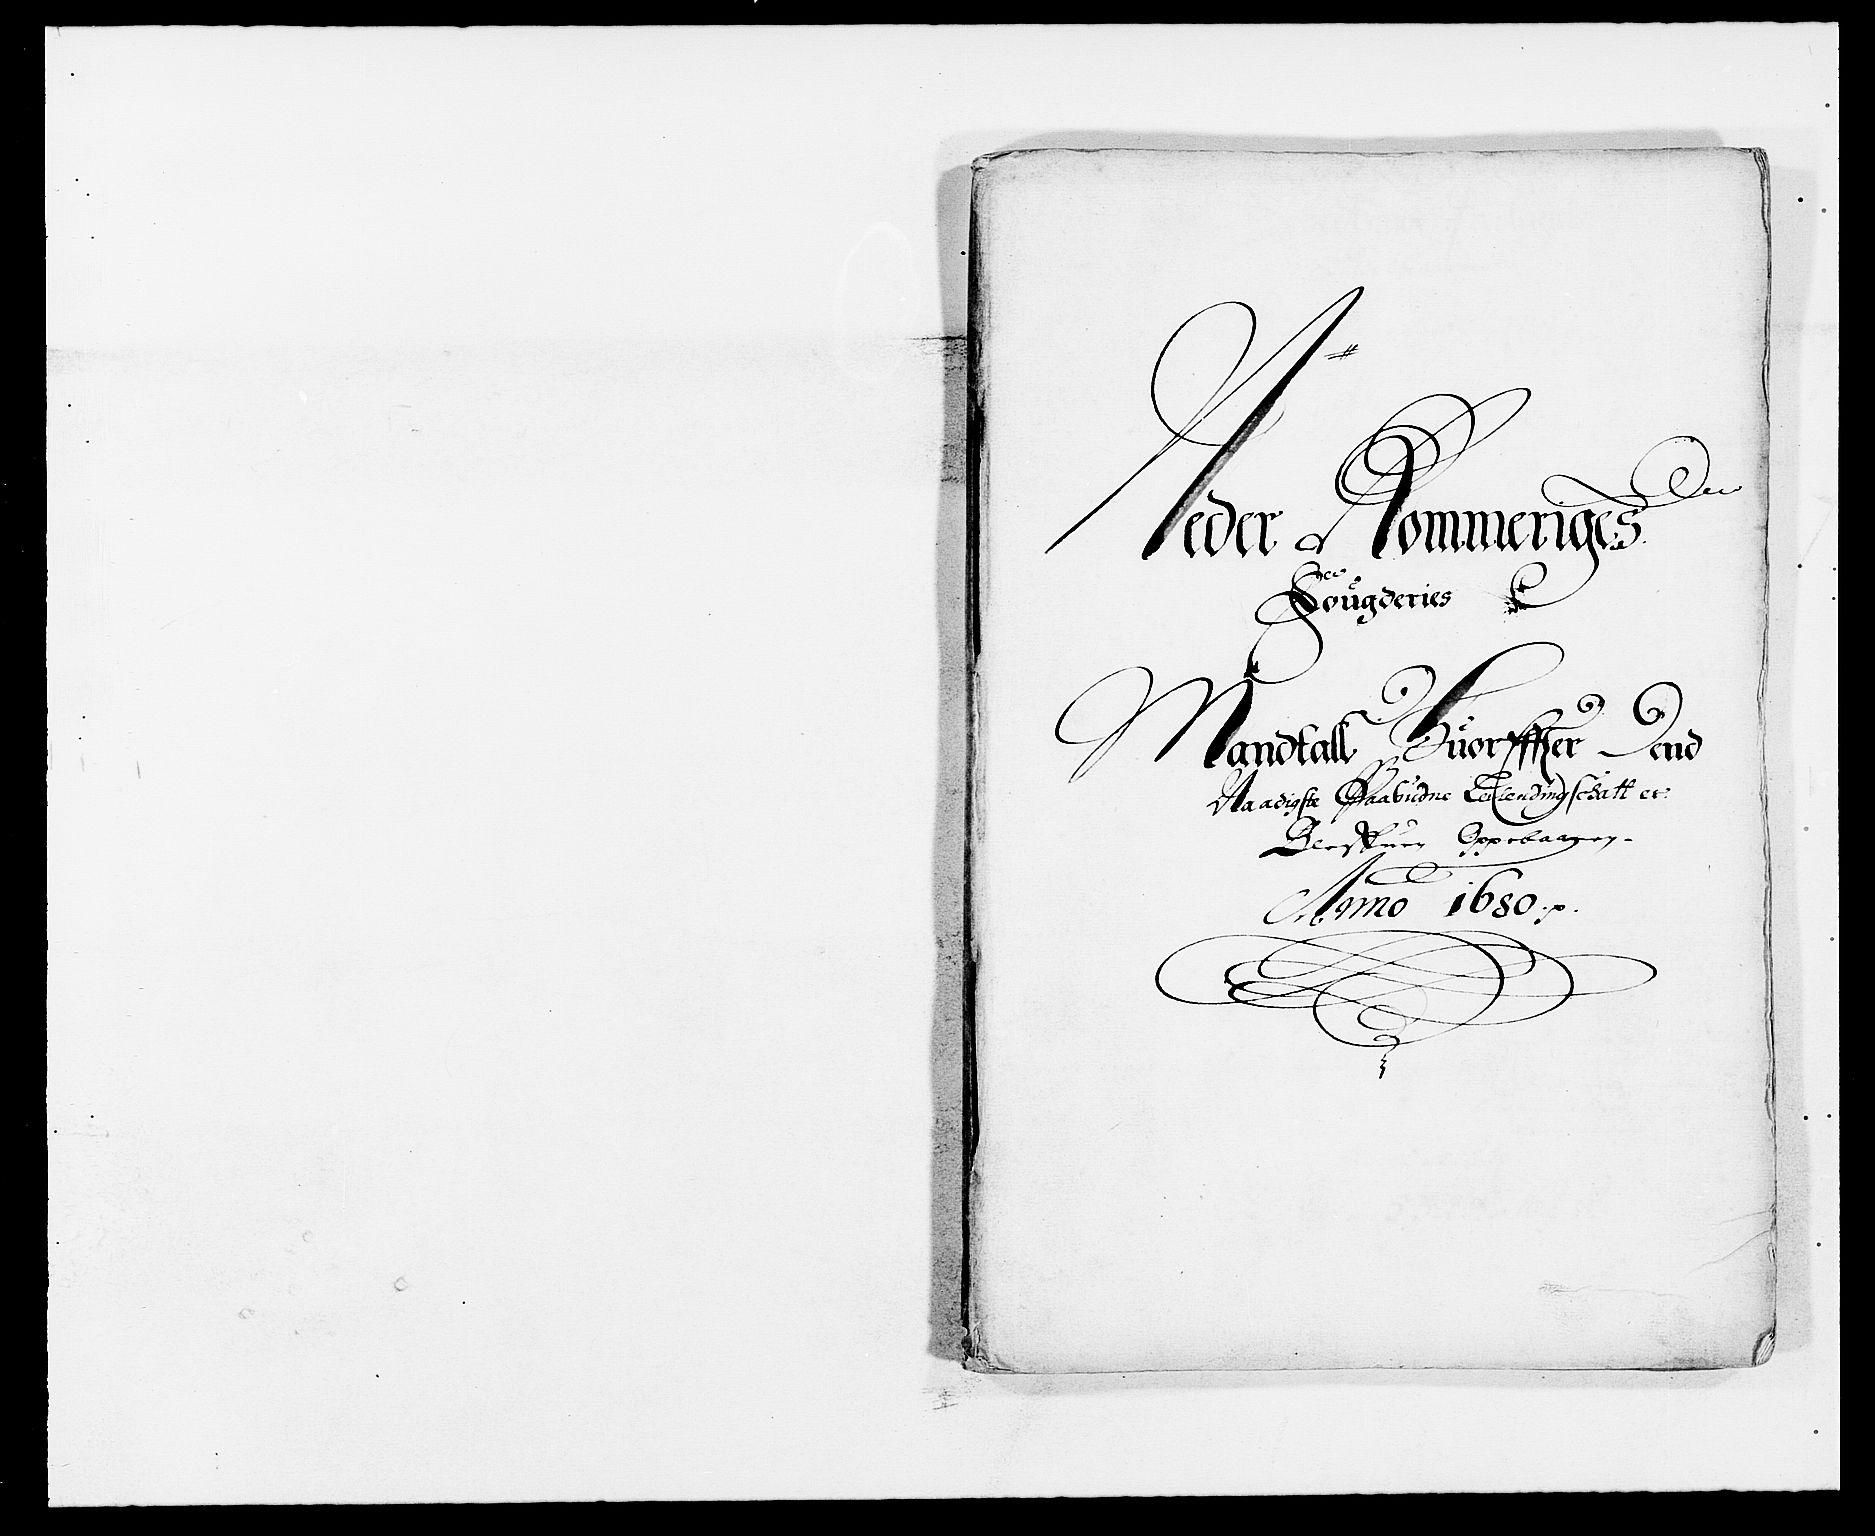 RA, Rentekammeret inntil 1814, Reviderte regnskaper, Fogderegnskap, R11/L0569: Fogderegnskap Nedre Romerike, 1680-1681, s. 62